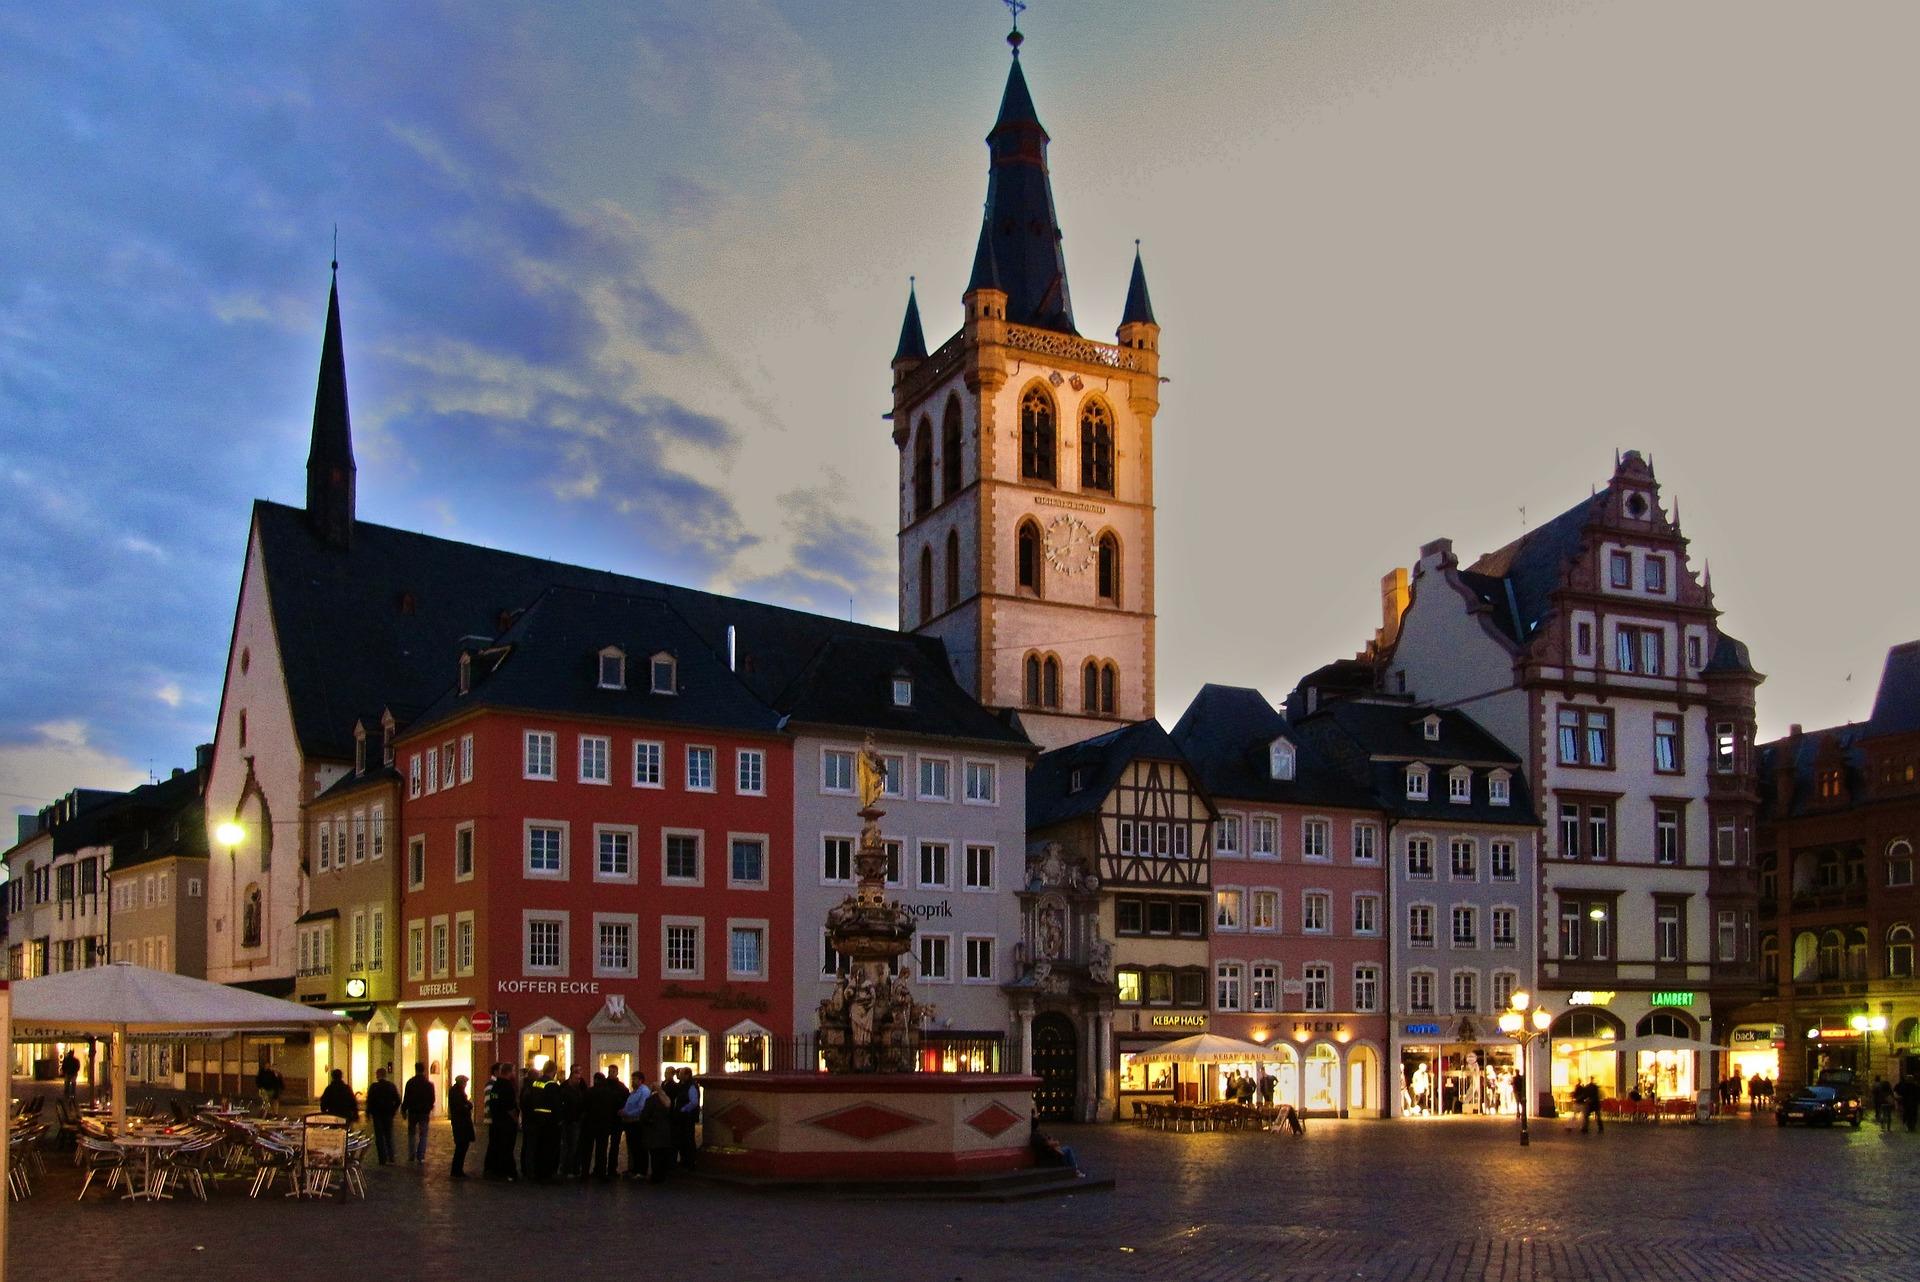 Stadt Trier hier können Sie während der Reise Abends perfekt ausgehen